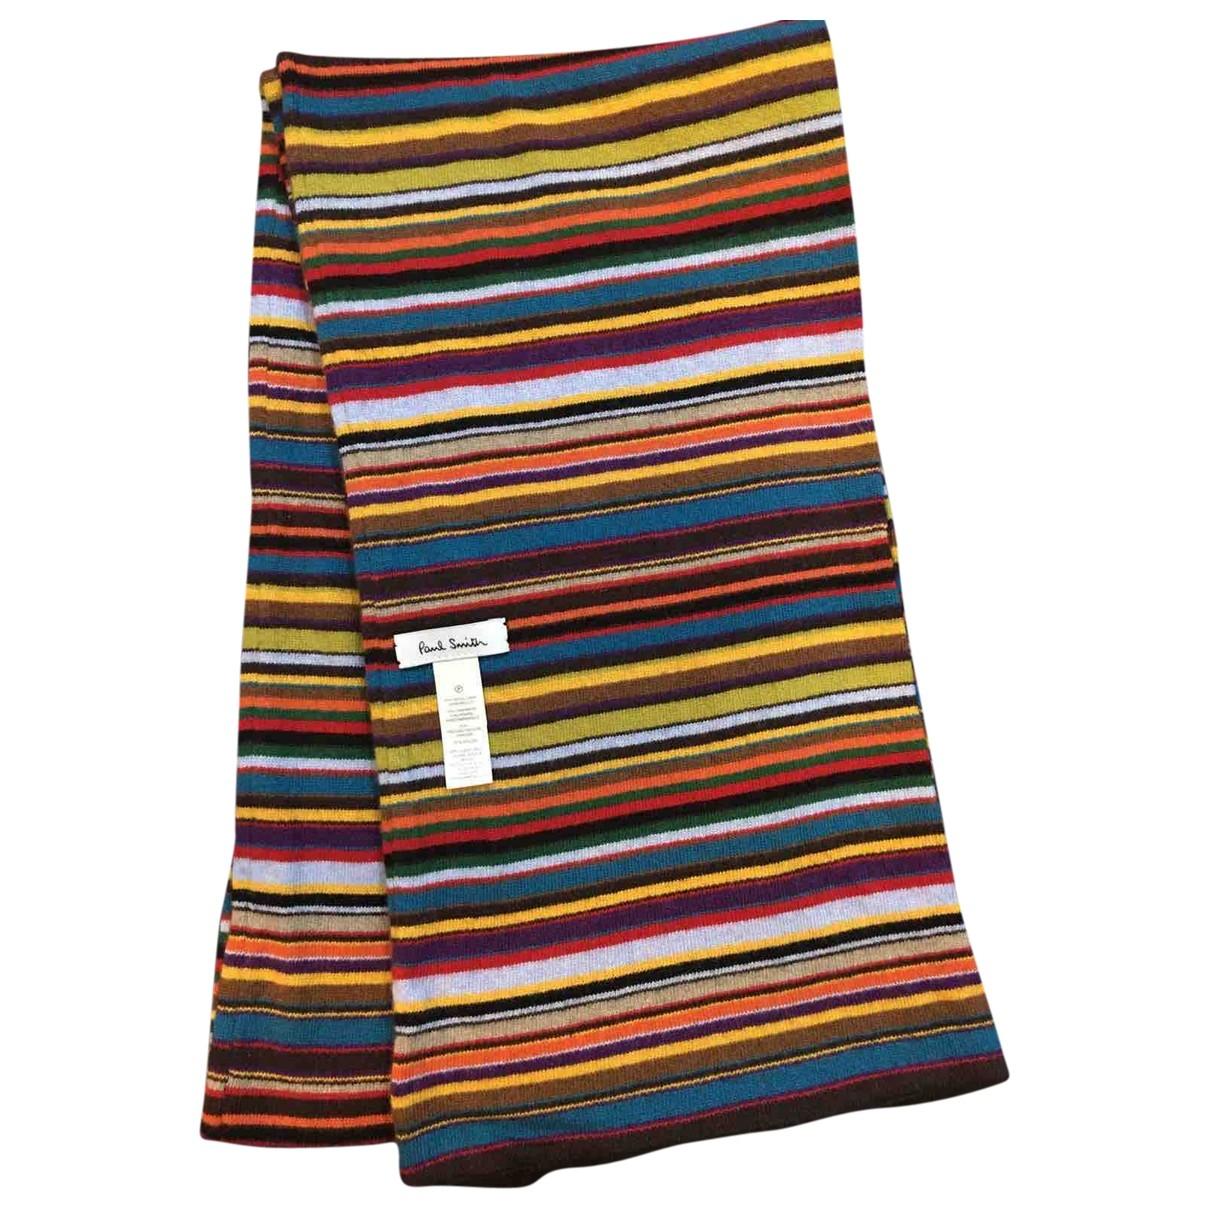 Paul Smith - Cheches.Echarpes   pour homme en cachemire - multicolore